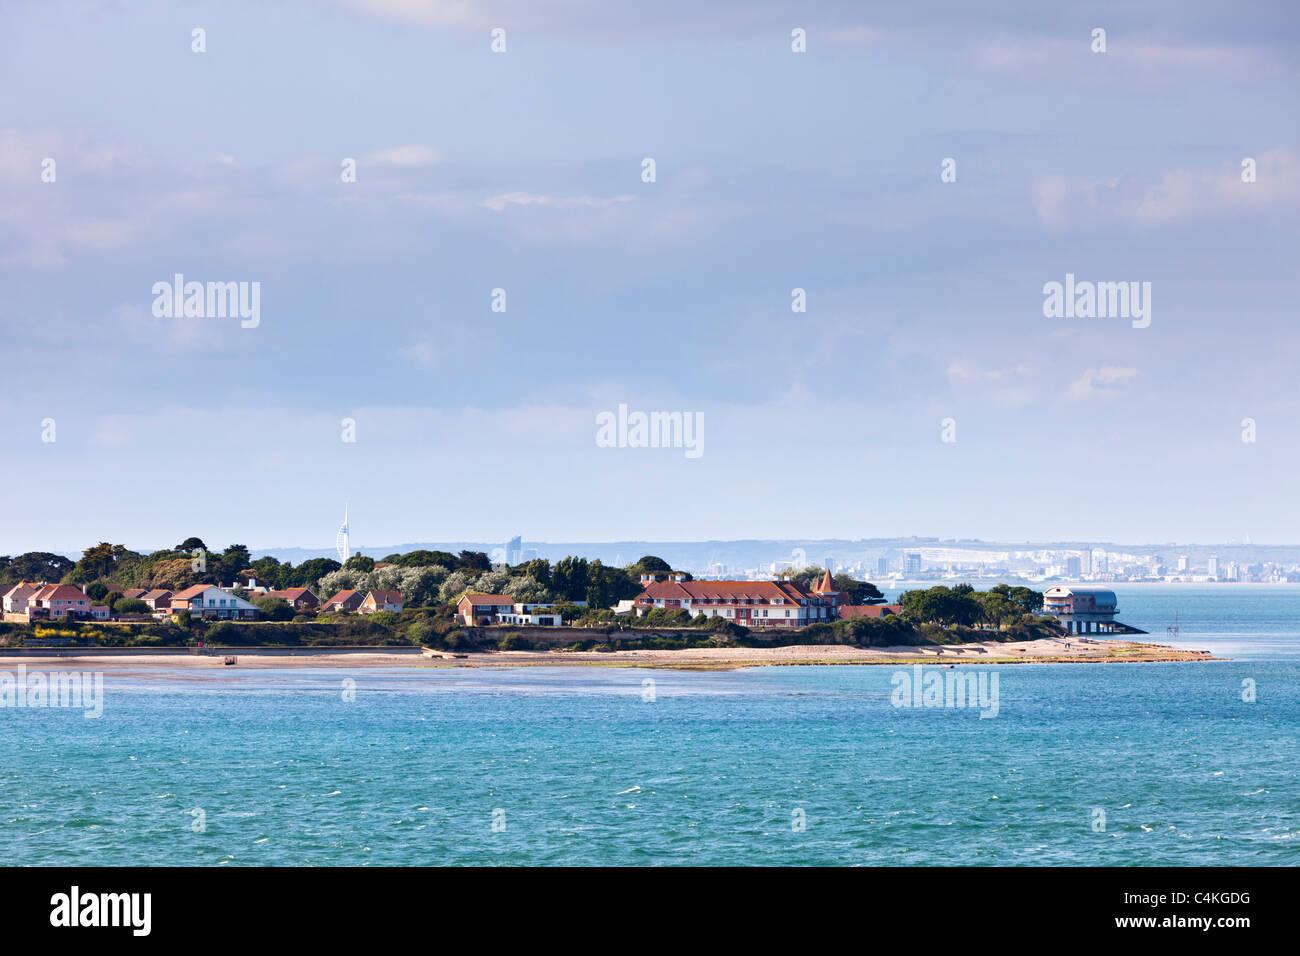 Bembridge seafront, Isle of Wight, England, UK, Europe Stock Photo